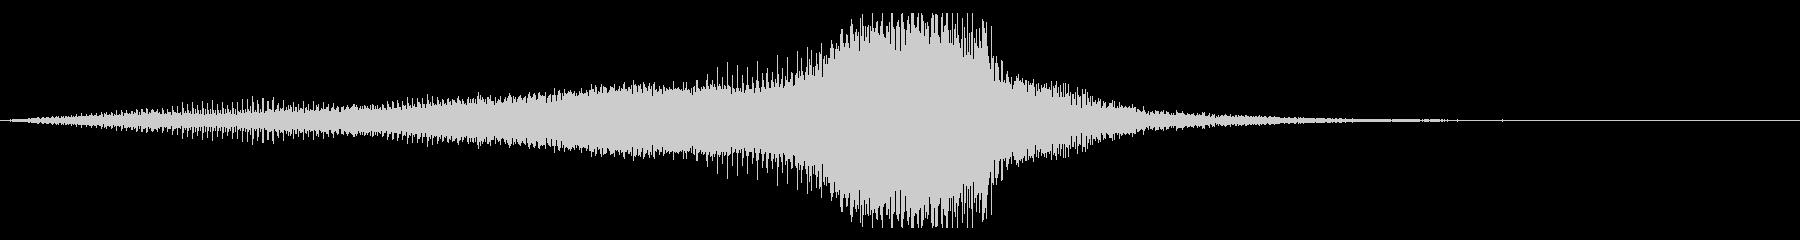 (インパクト)ピアノリバース_01の未再生の波形